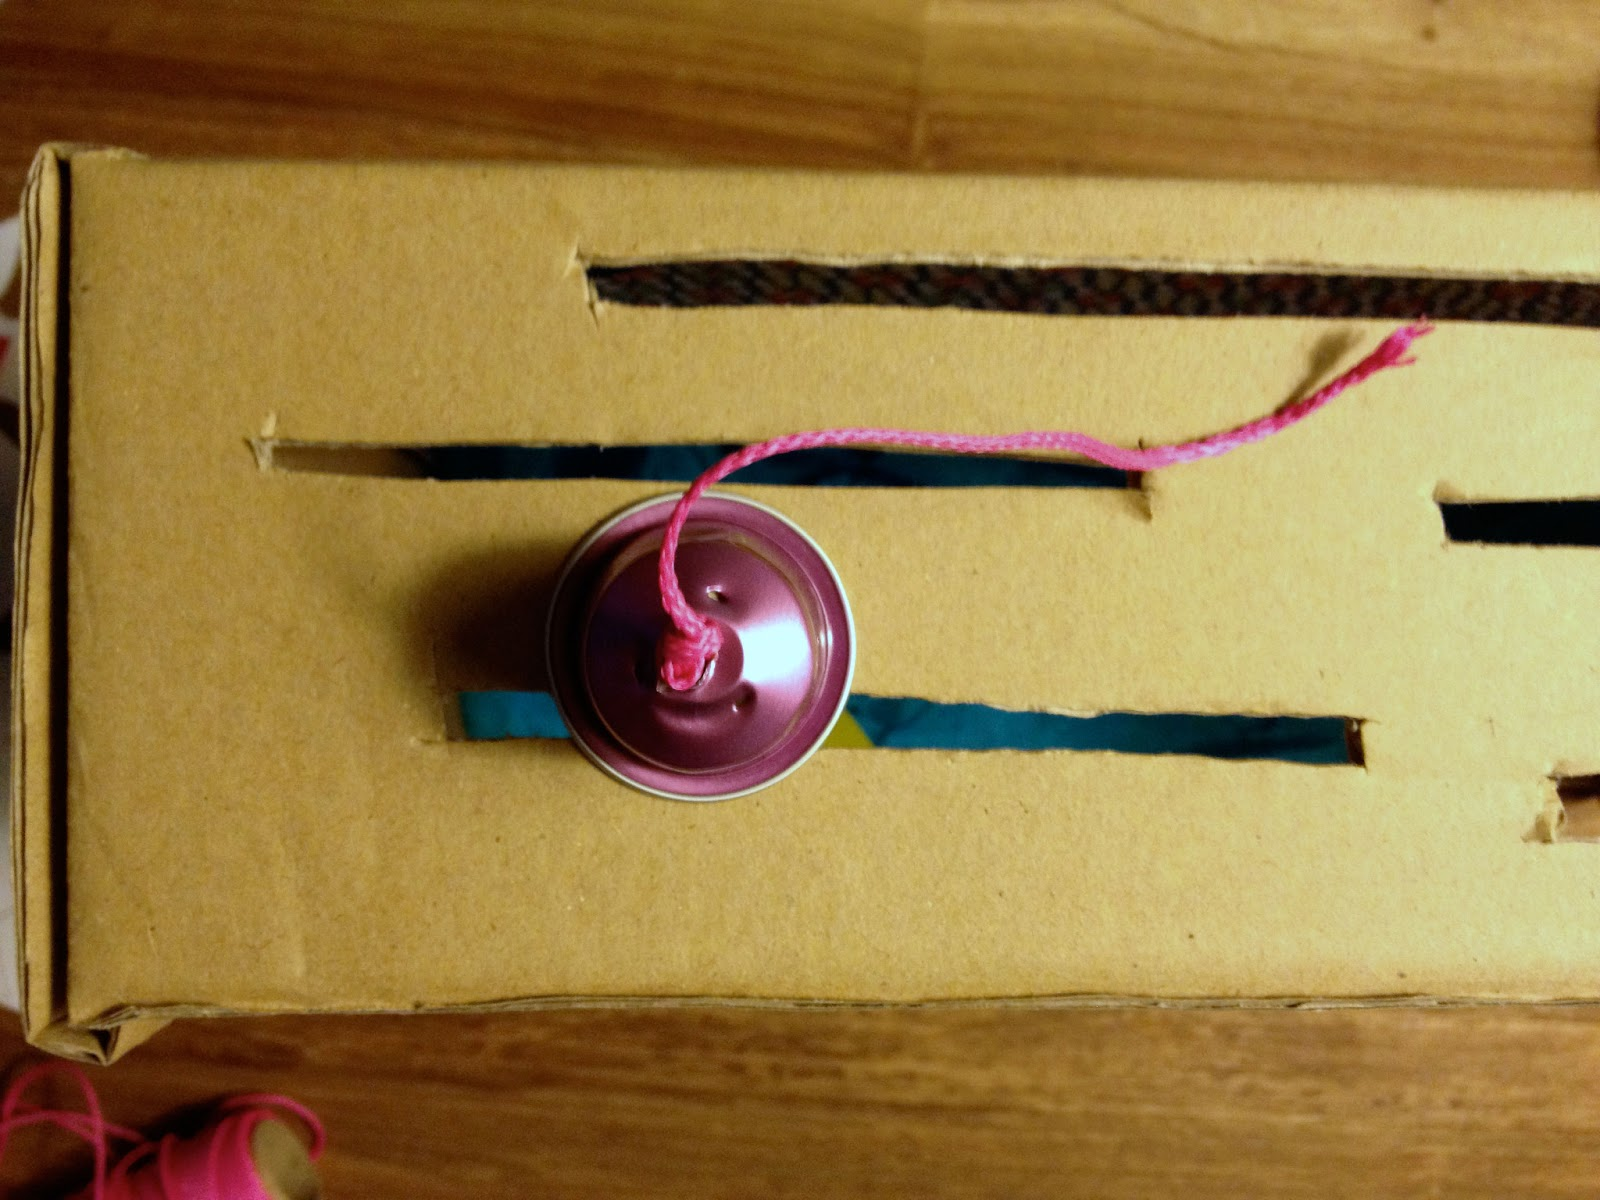 puedes archivos - Página 4 de 4 - Handbox Craft Lovers | Comunidad ...